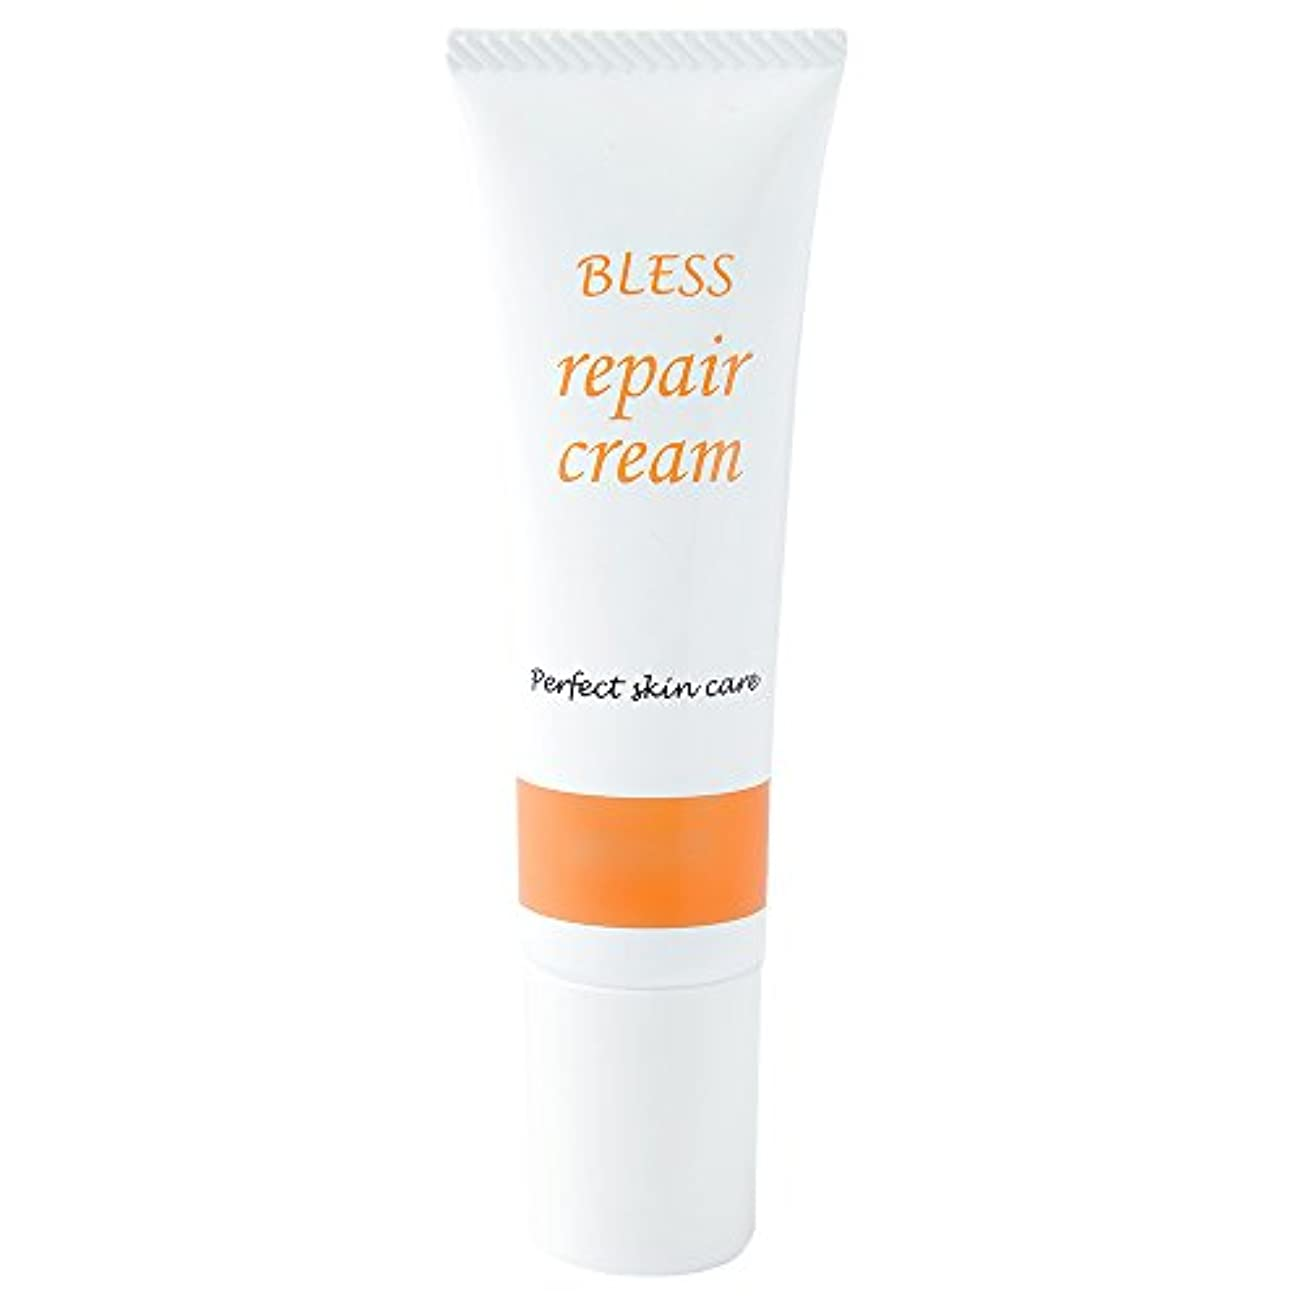 狭い話調停する【BLESS】 しわ 対策用 エイジング リペアクリーム 30g 無添加 抗シワ評価試験済み製品 日本製 美容液